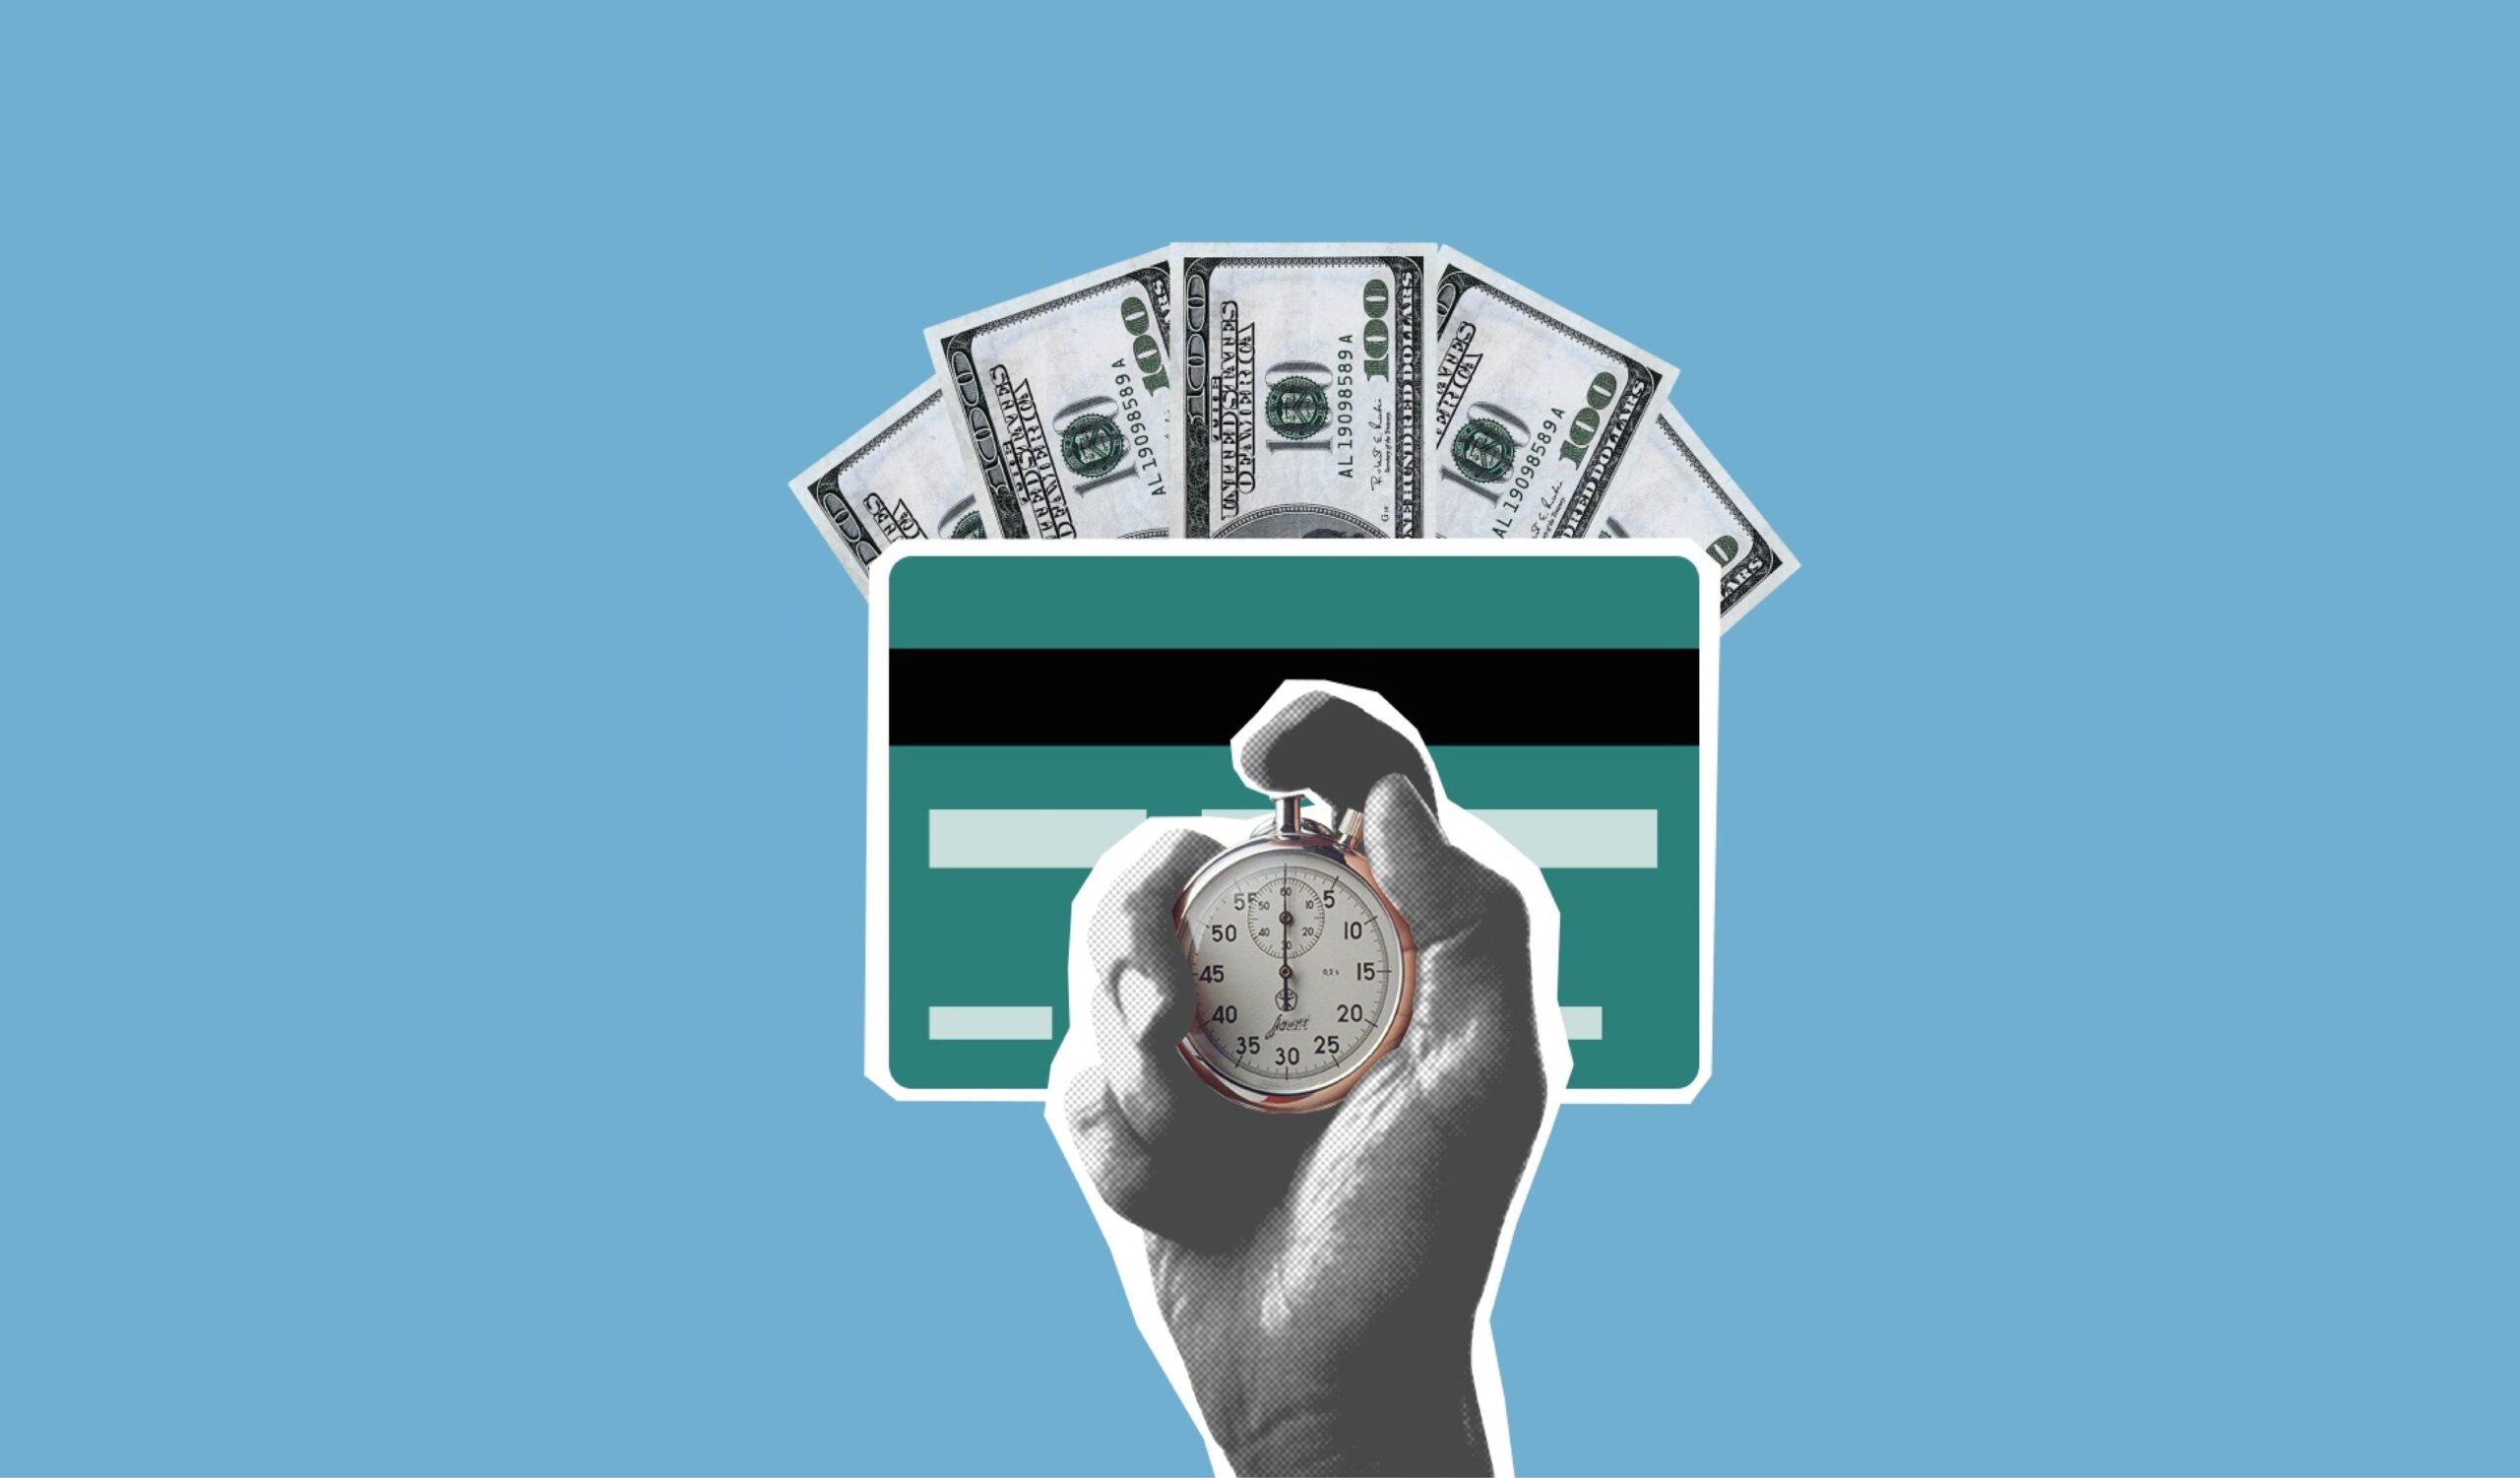 海外留学、お金がないと心も体も不健康に|海外でもスグに始められるお金稼ぎの方法厳選4つ